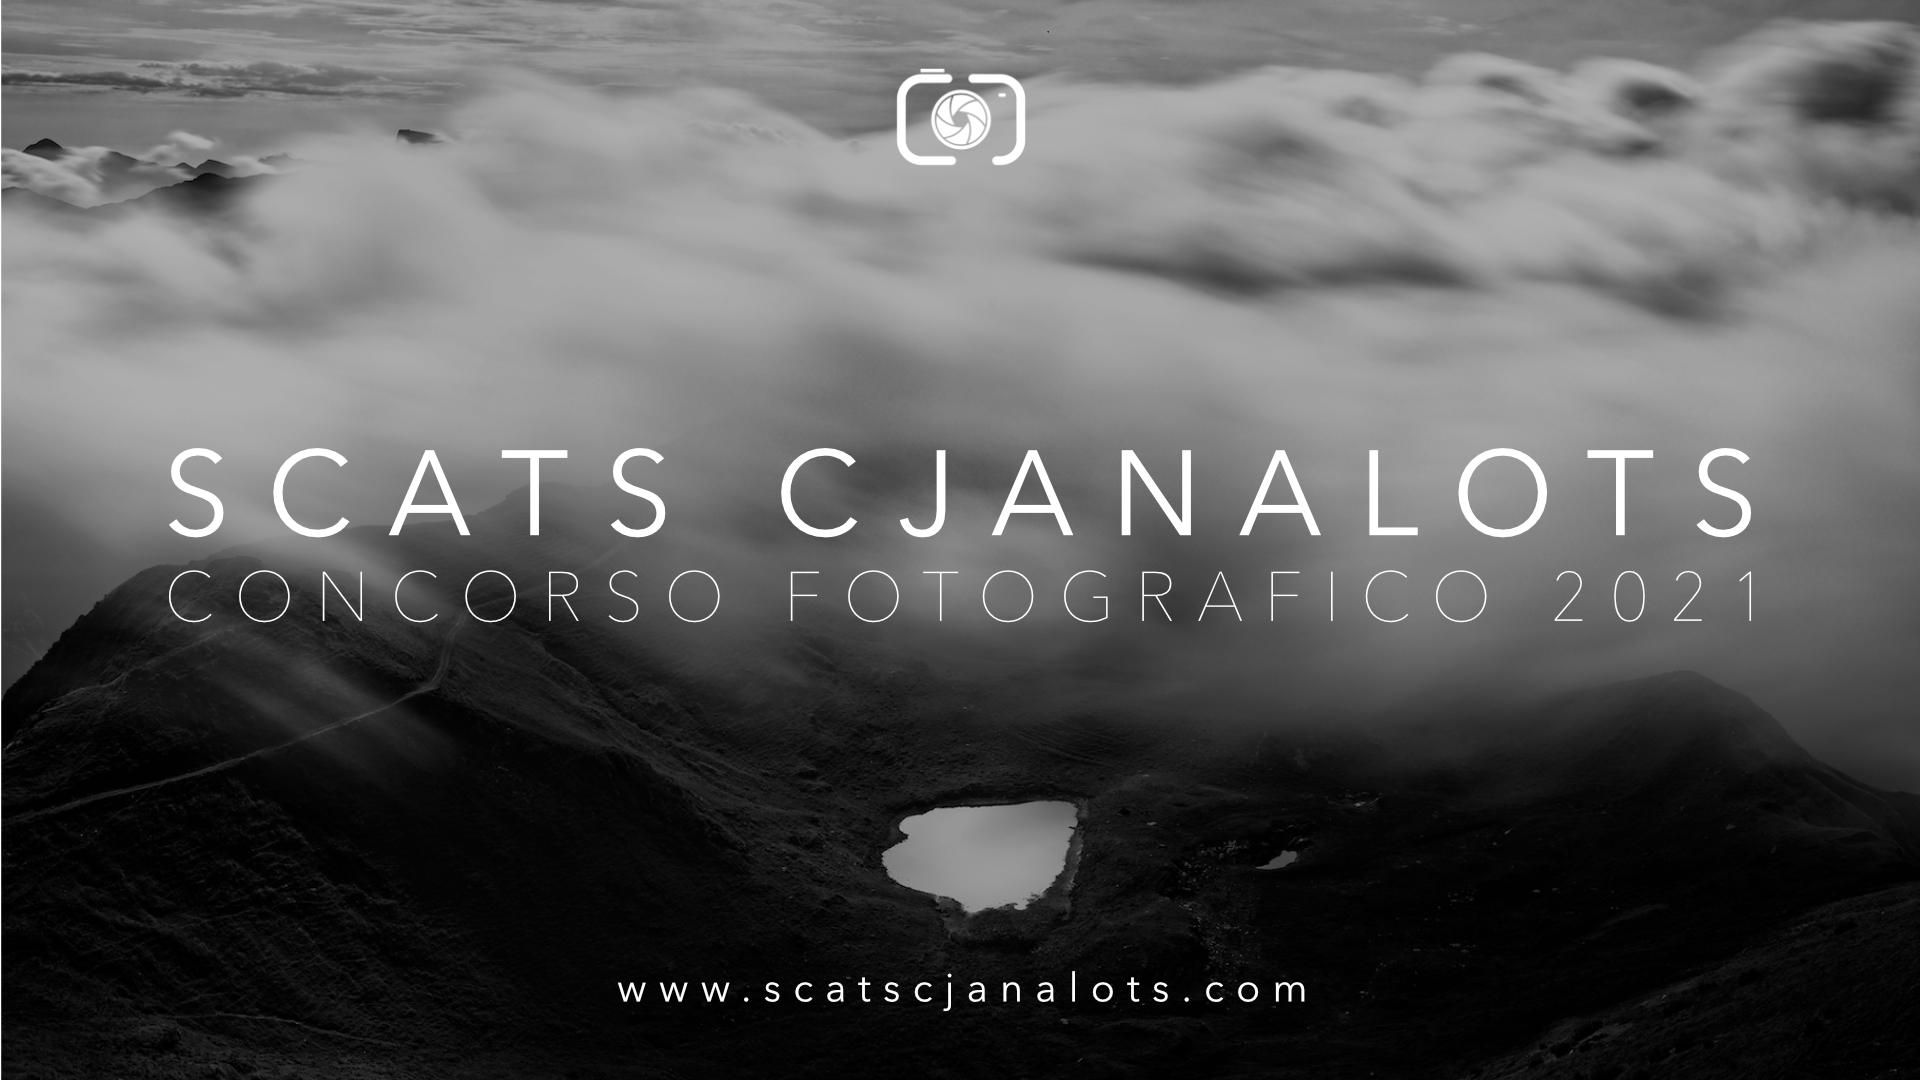 Concorso fotografico Scats Cjanalots 2021